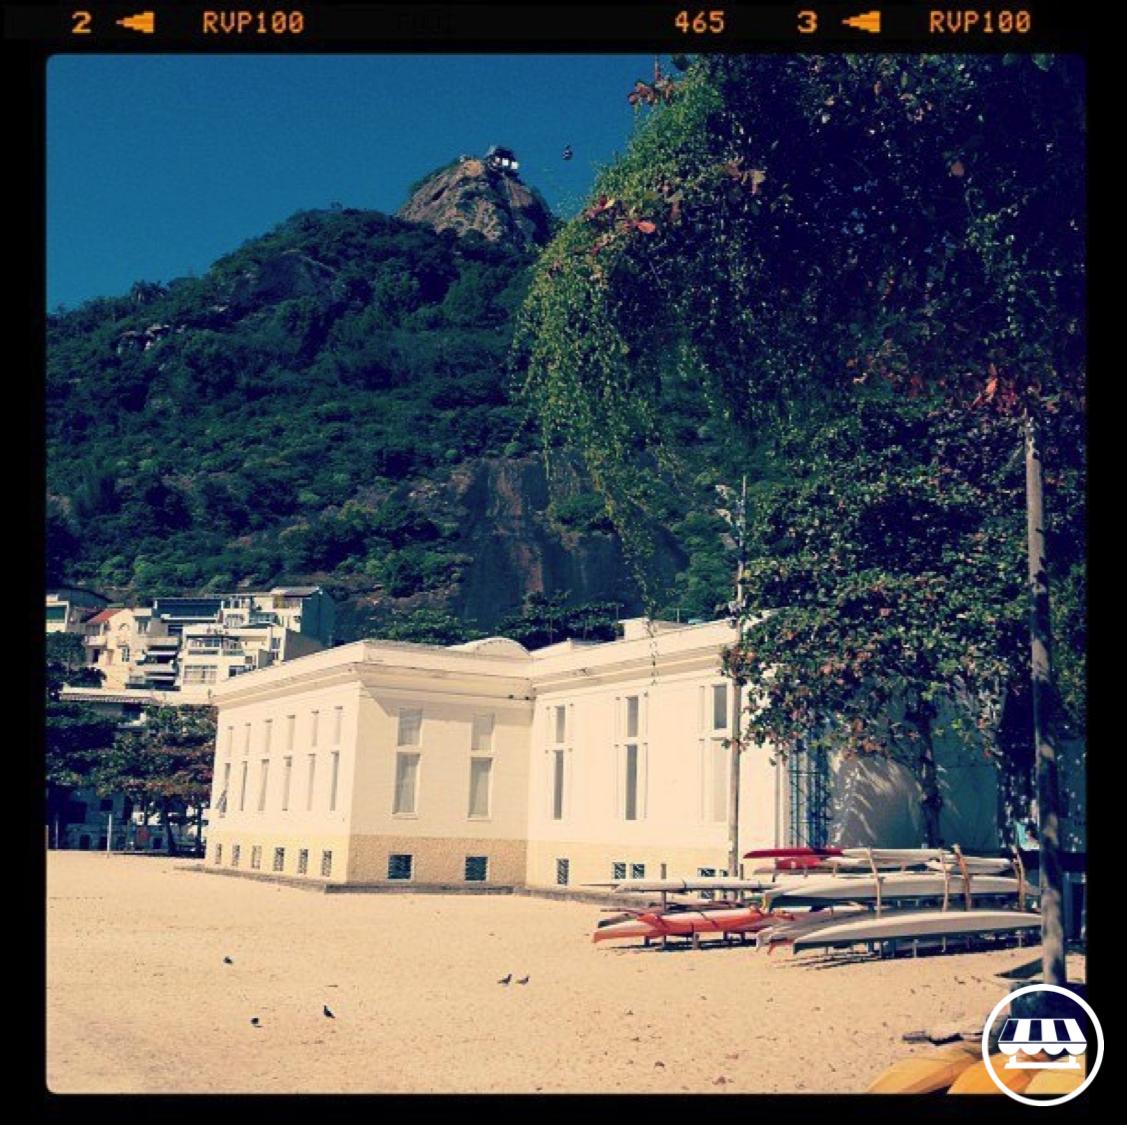 Rio-Urca-Beach-carpedigi.png